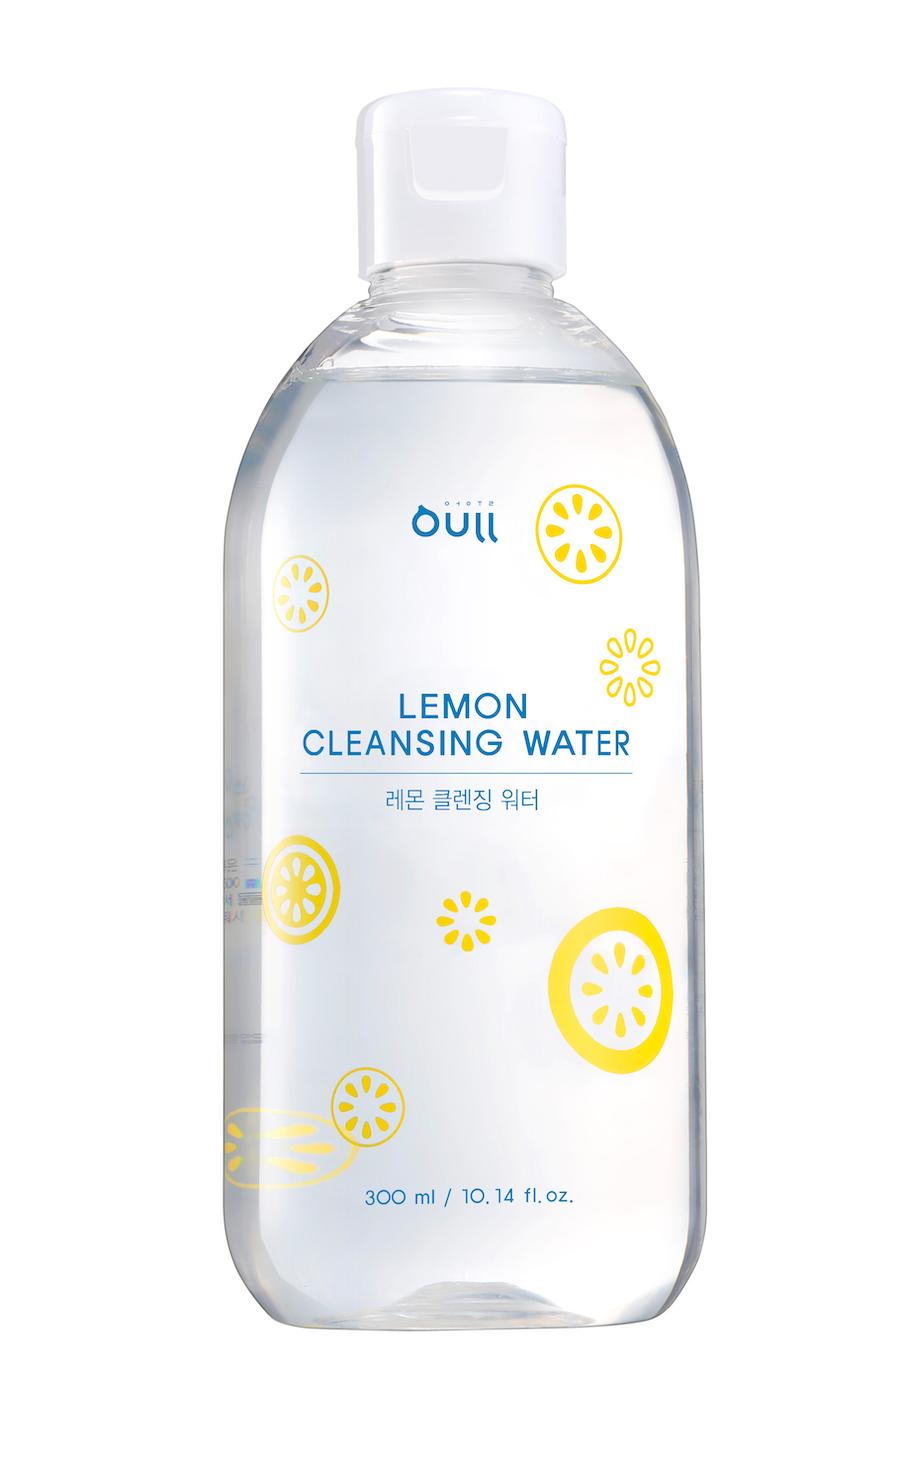 Вода мицеллярная Oull Лимонная очищающая(мицеллярная) вода для удаления макияжа и загрязнений с кожи лица Lemon Cleansing Water очищающая вода урьяж